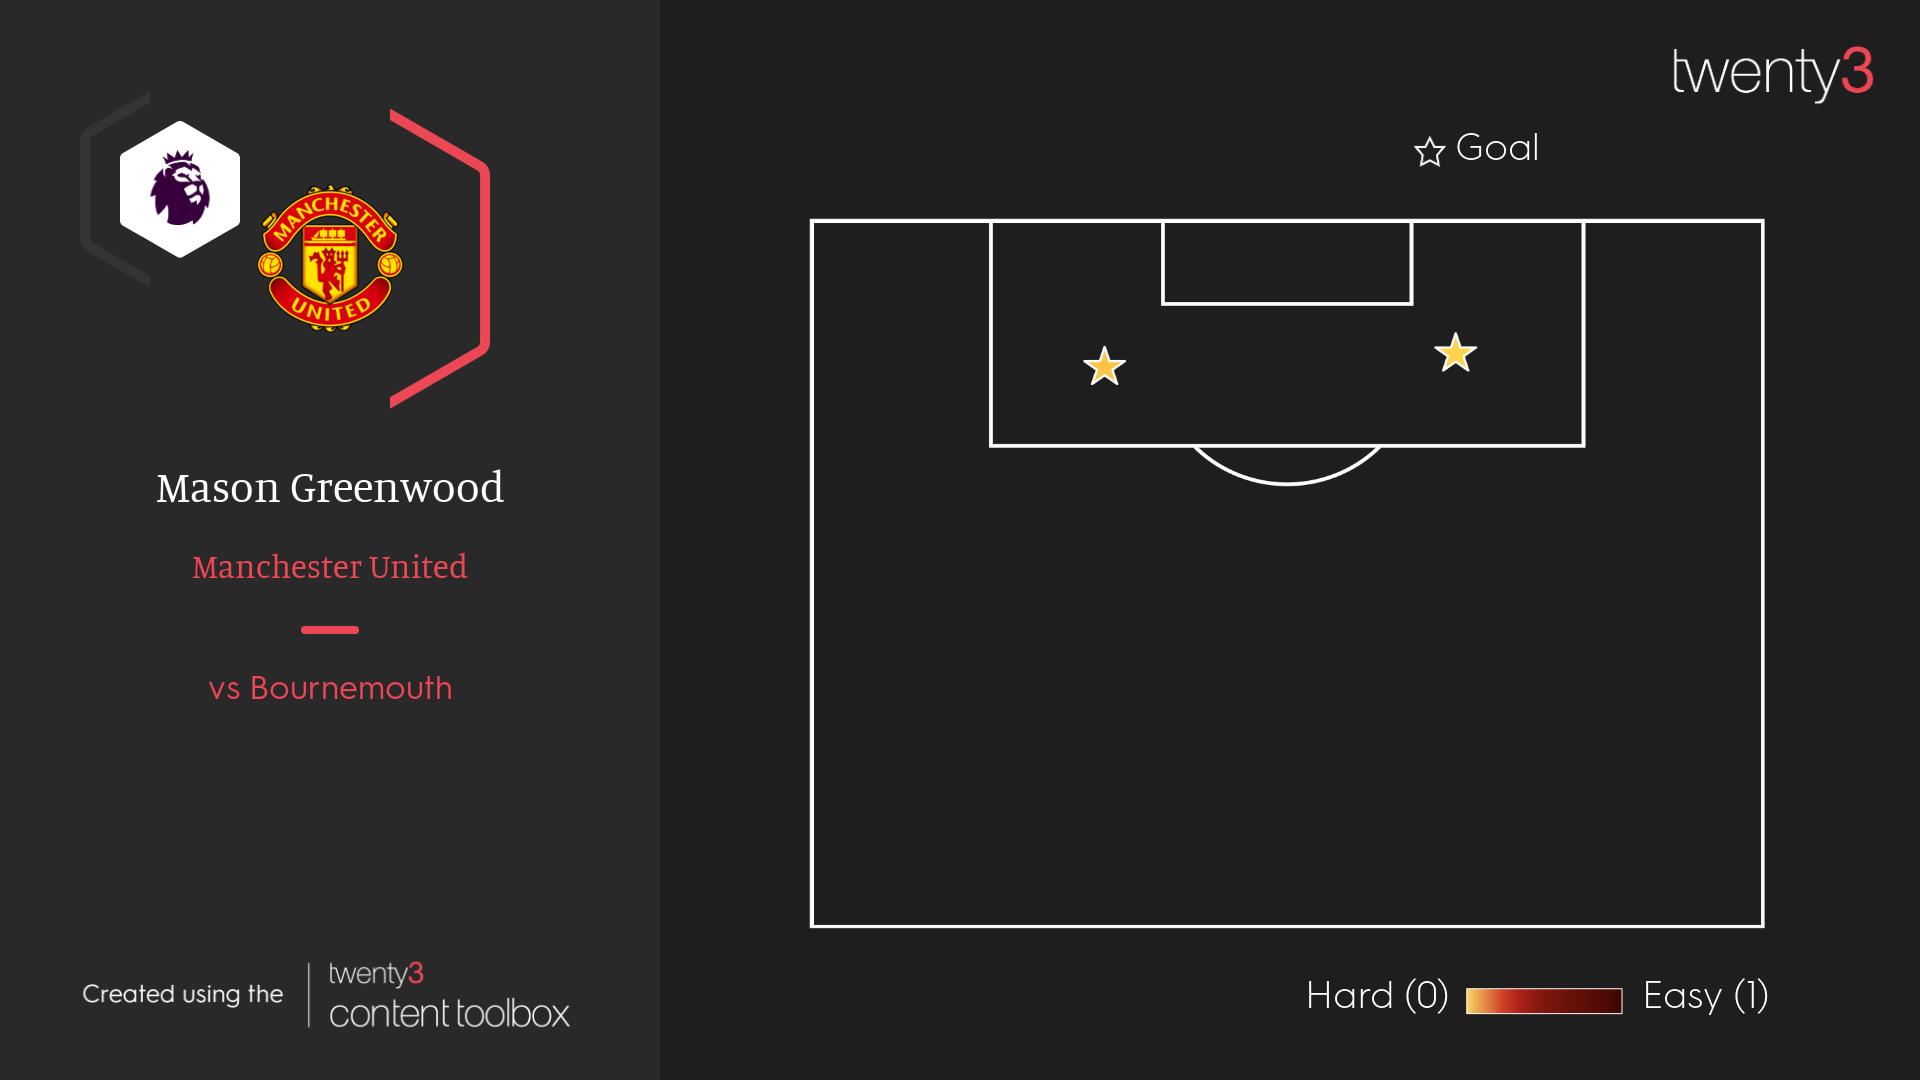 Mason Greenwood's xG shot map against Bournemouth